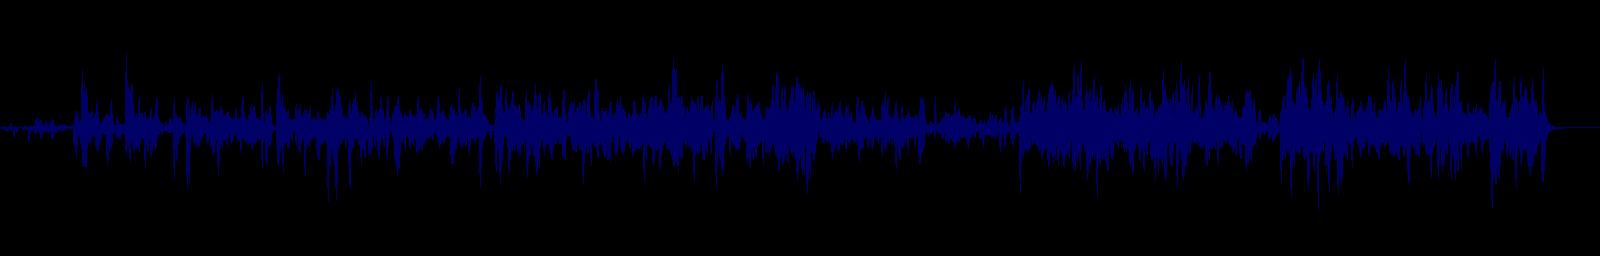 waveform of track #152359